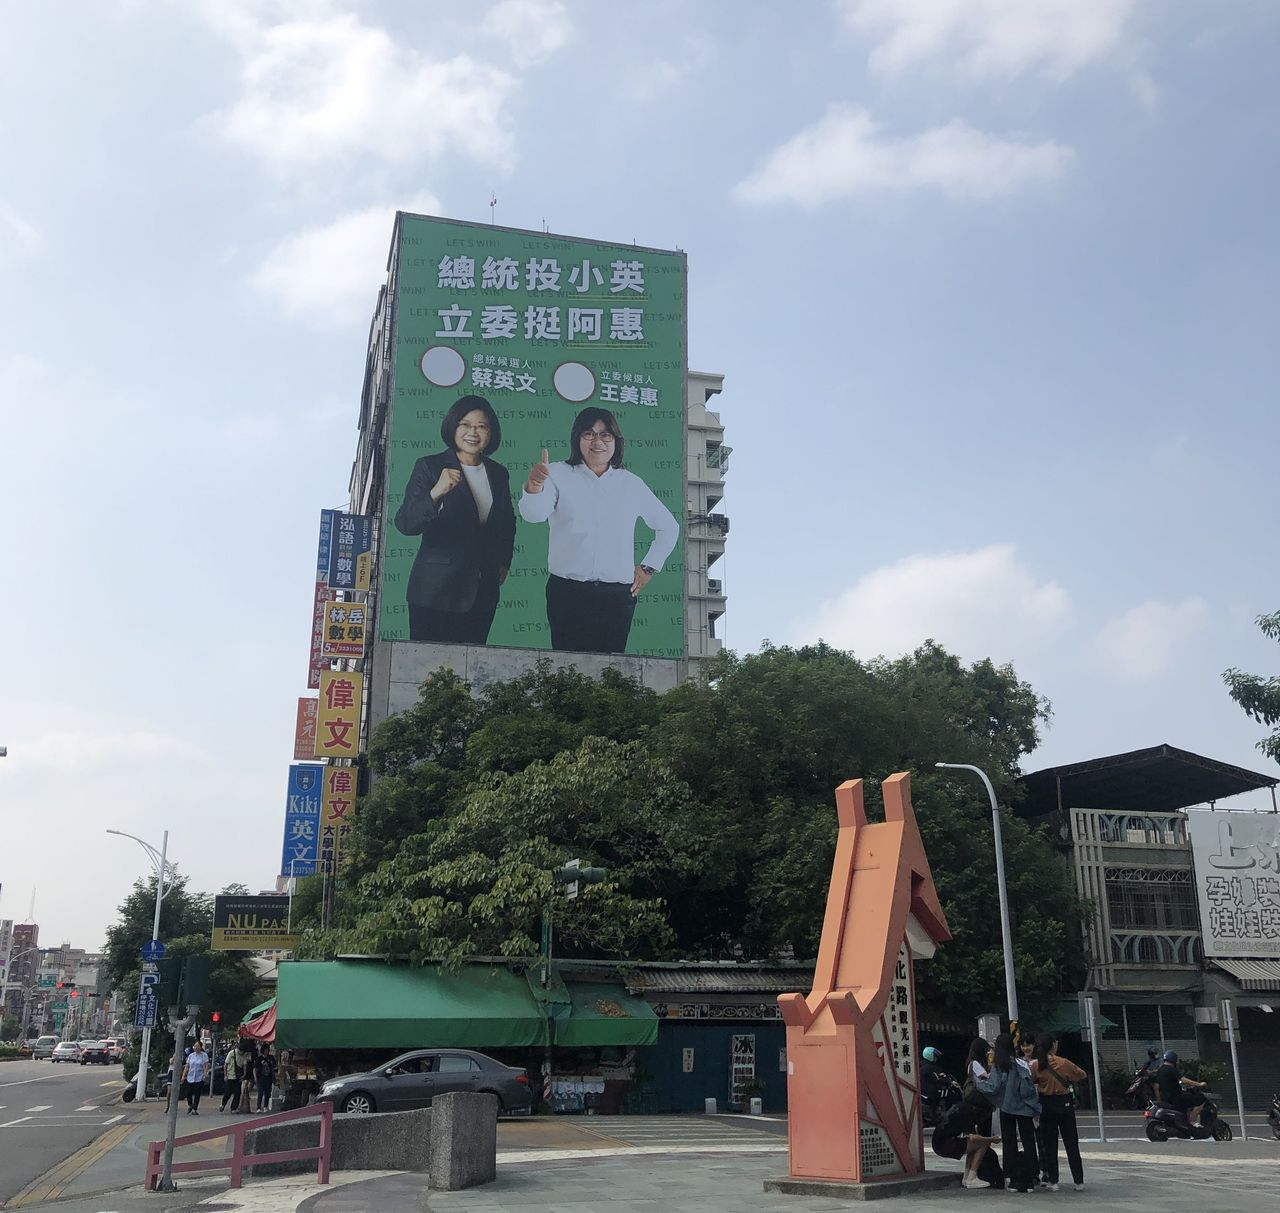 總統蔡英文與綠營立委提名參選人王美惠同框大型看板, 在文化公園前大樓高掛,提前點...